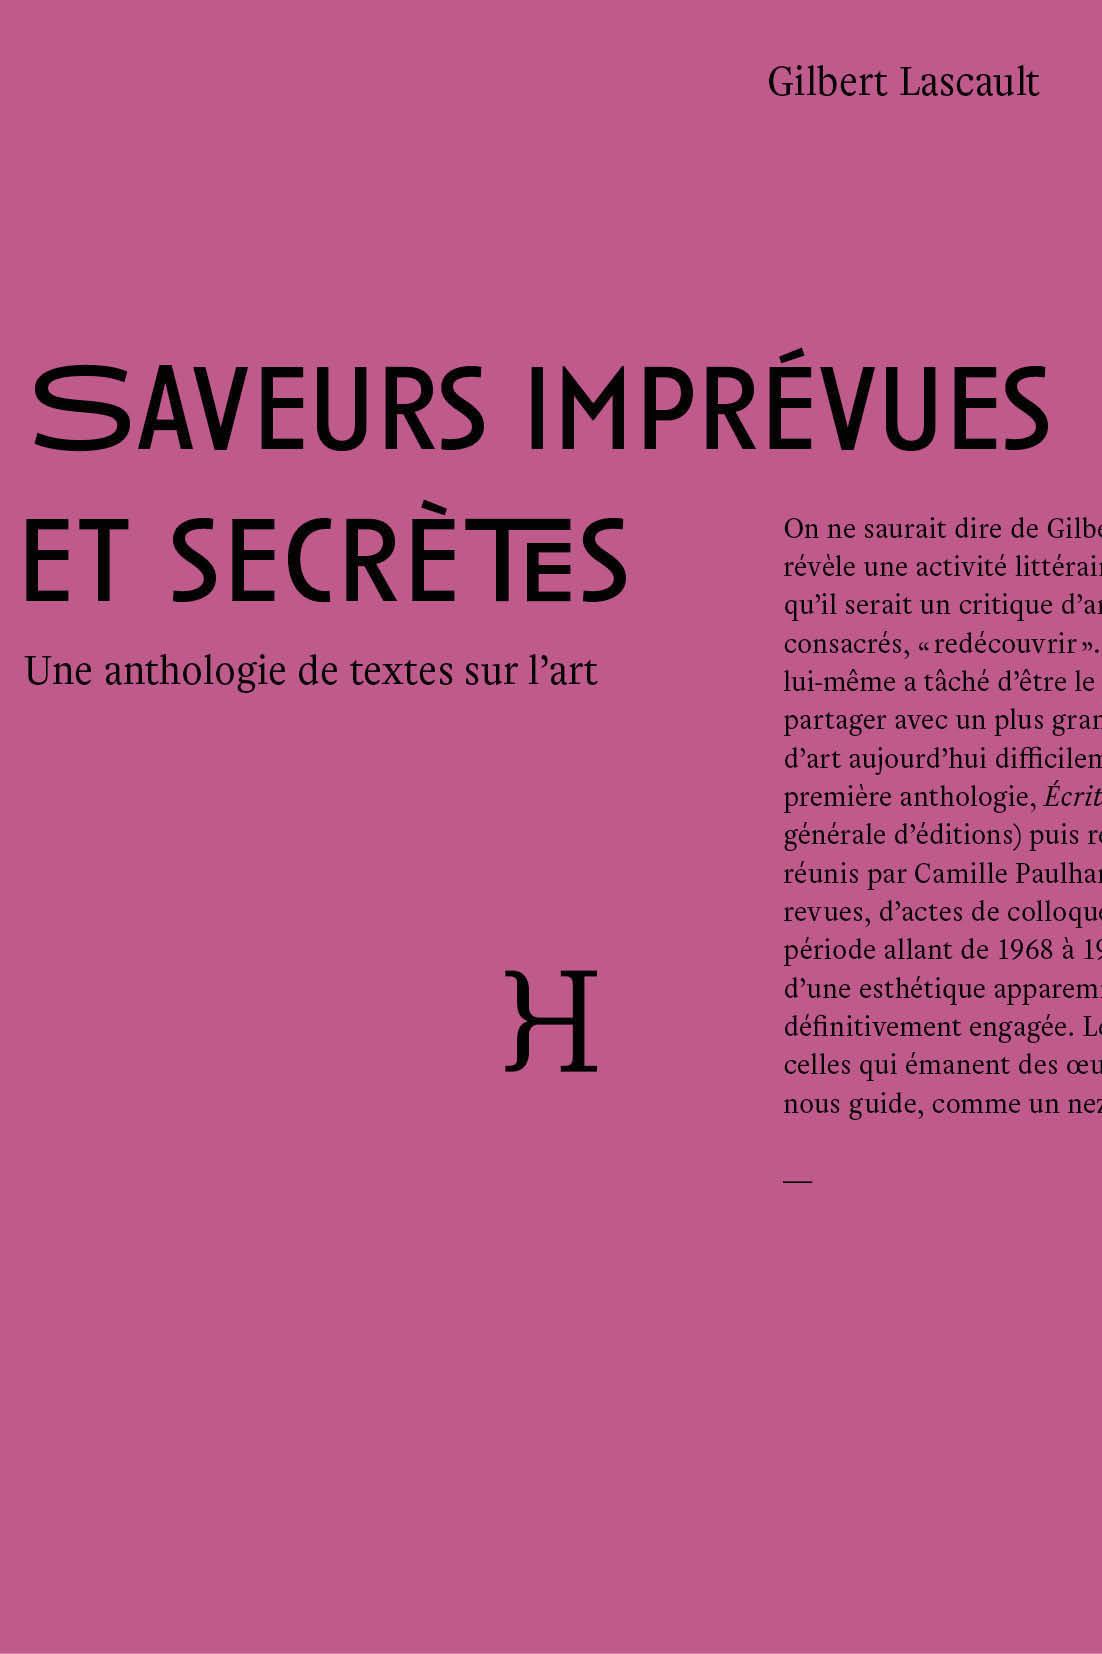 SAVEURS IMPREVUES ET SECRETES ANTHOLOGIE DE TEXTES SUR L ART